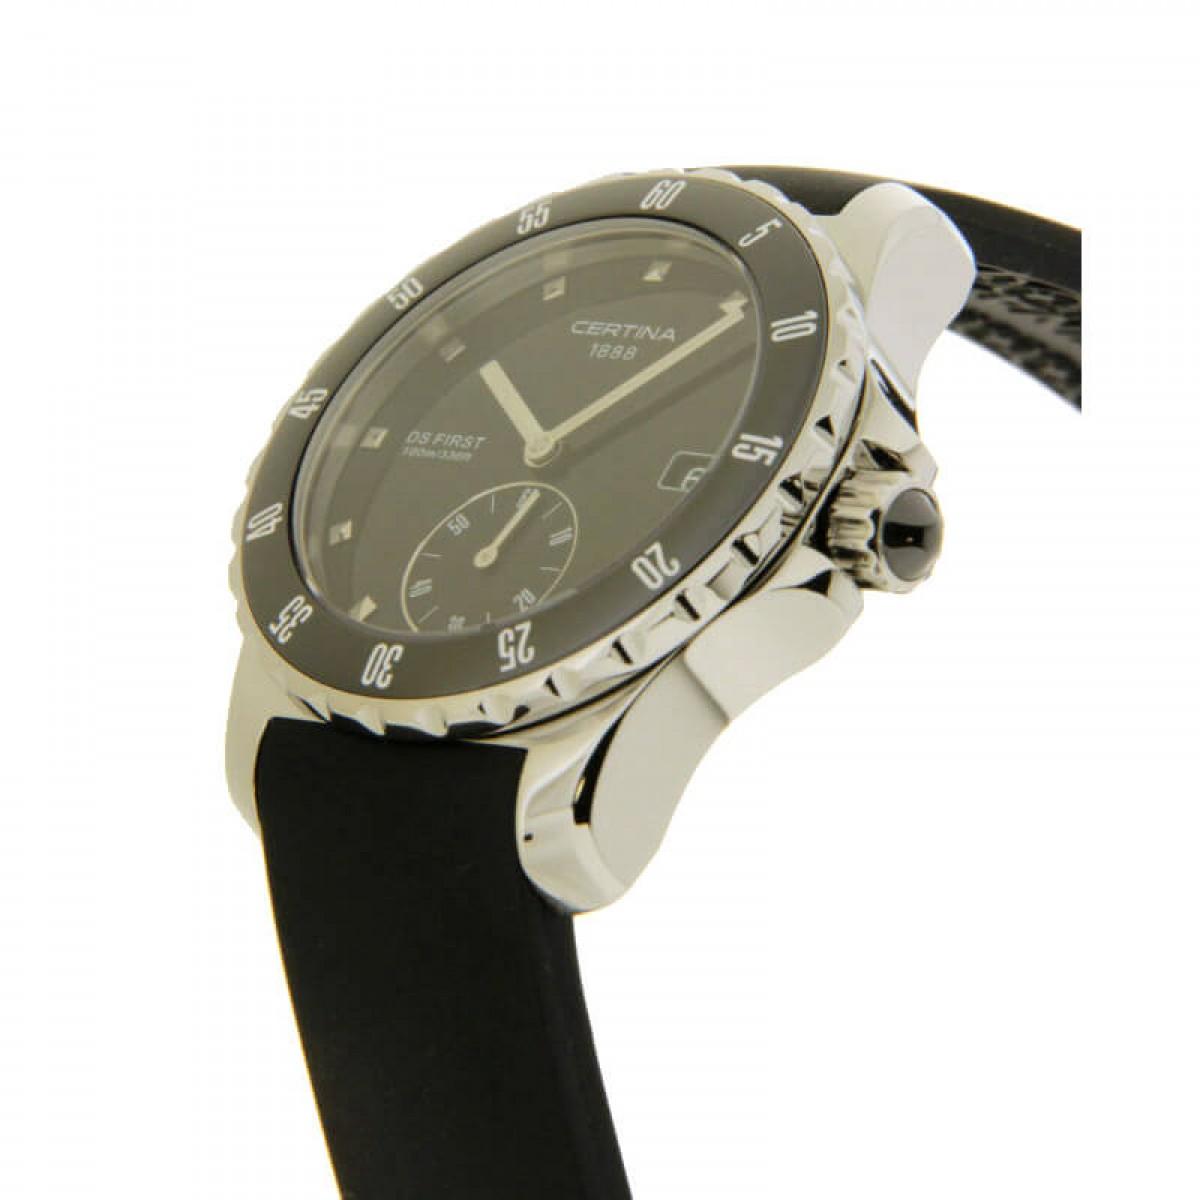 Часовник Certina C014.235.17.051.00